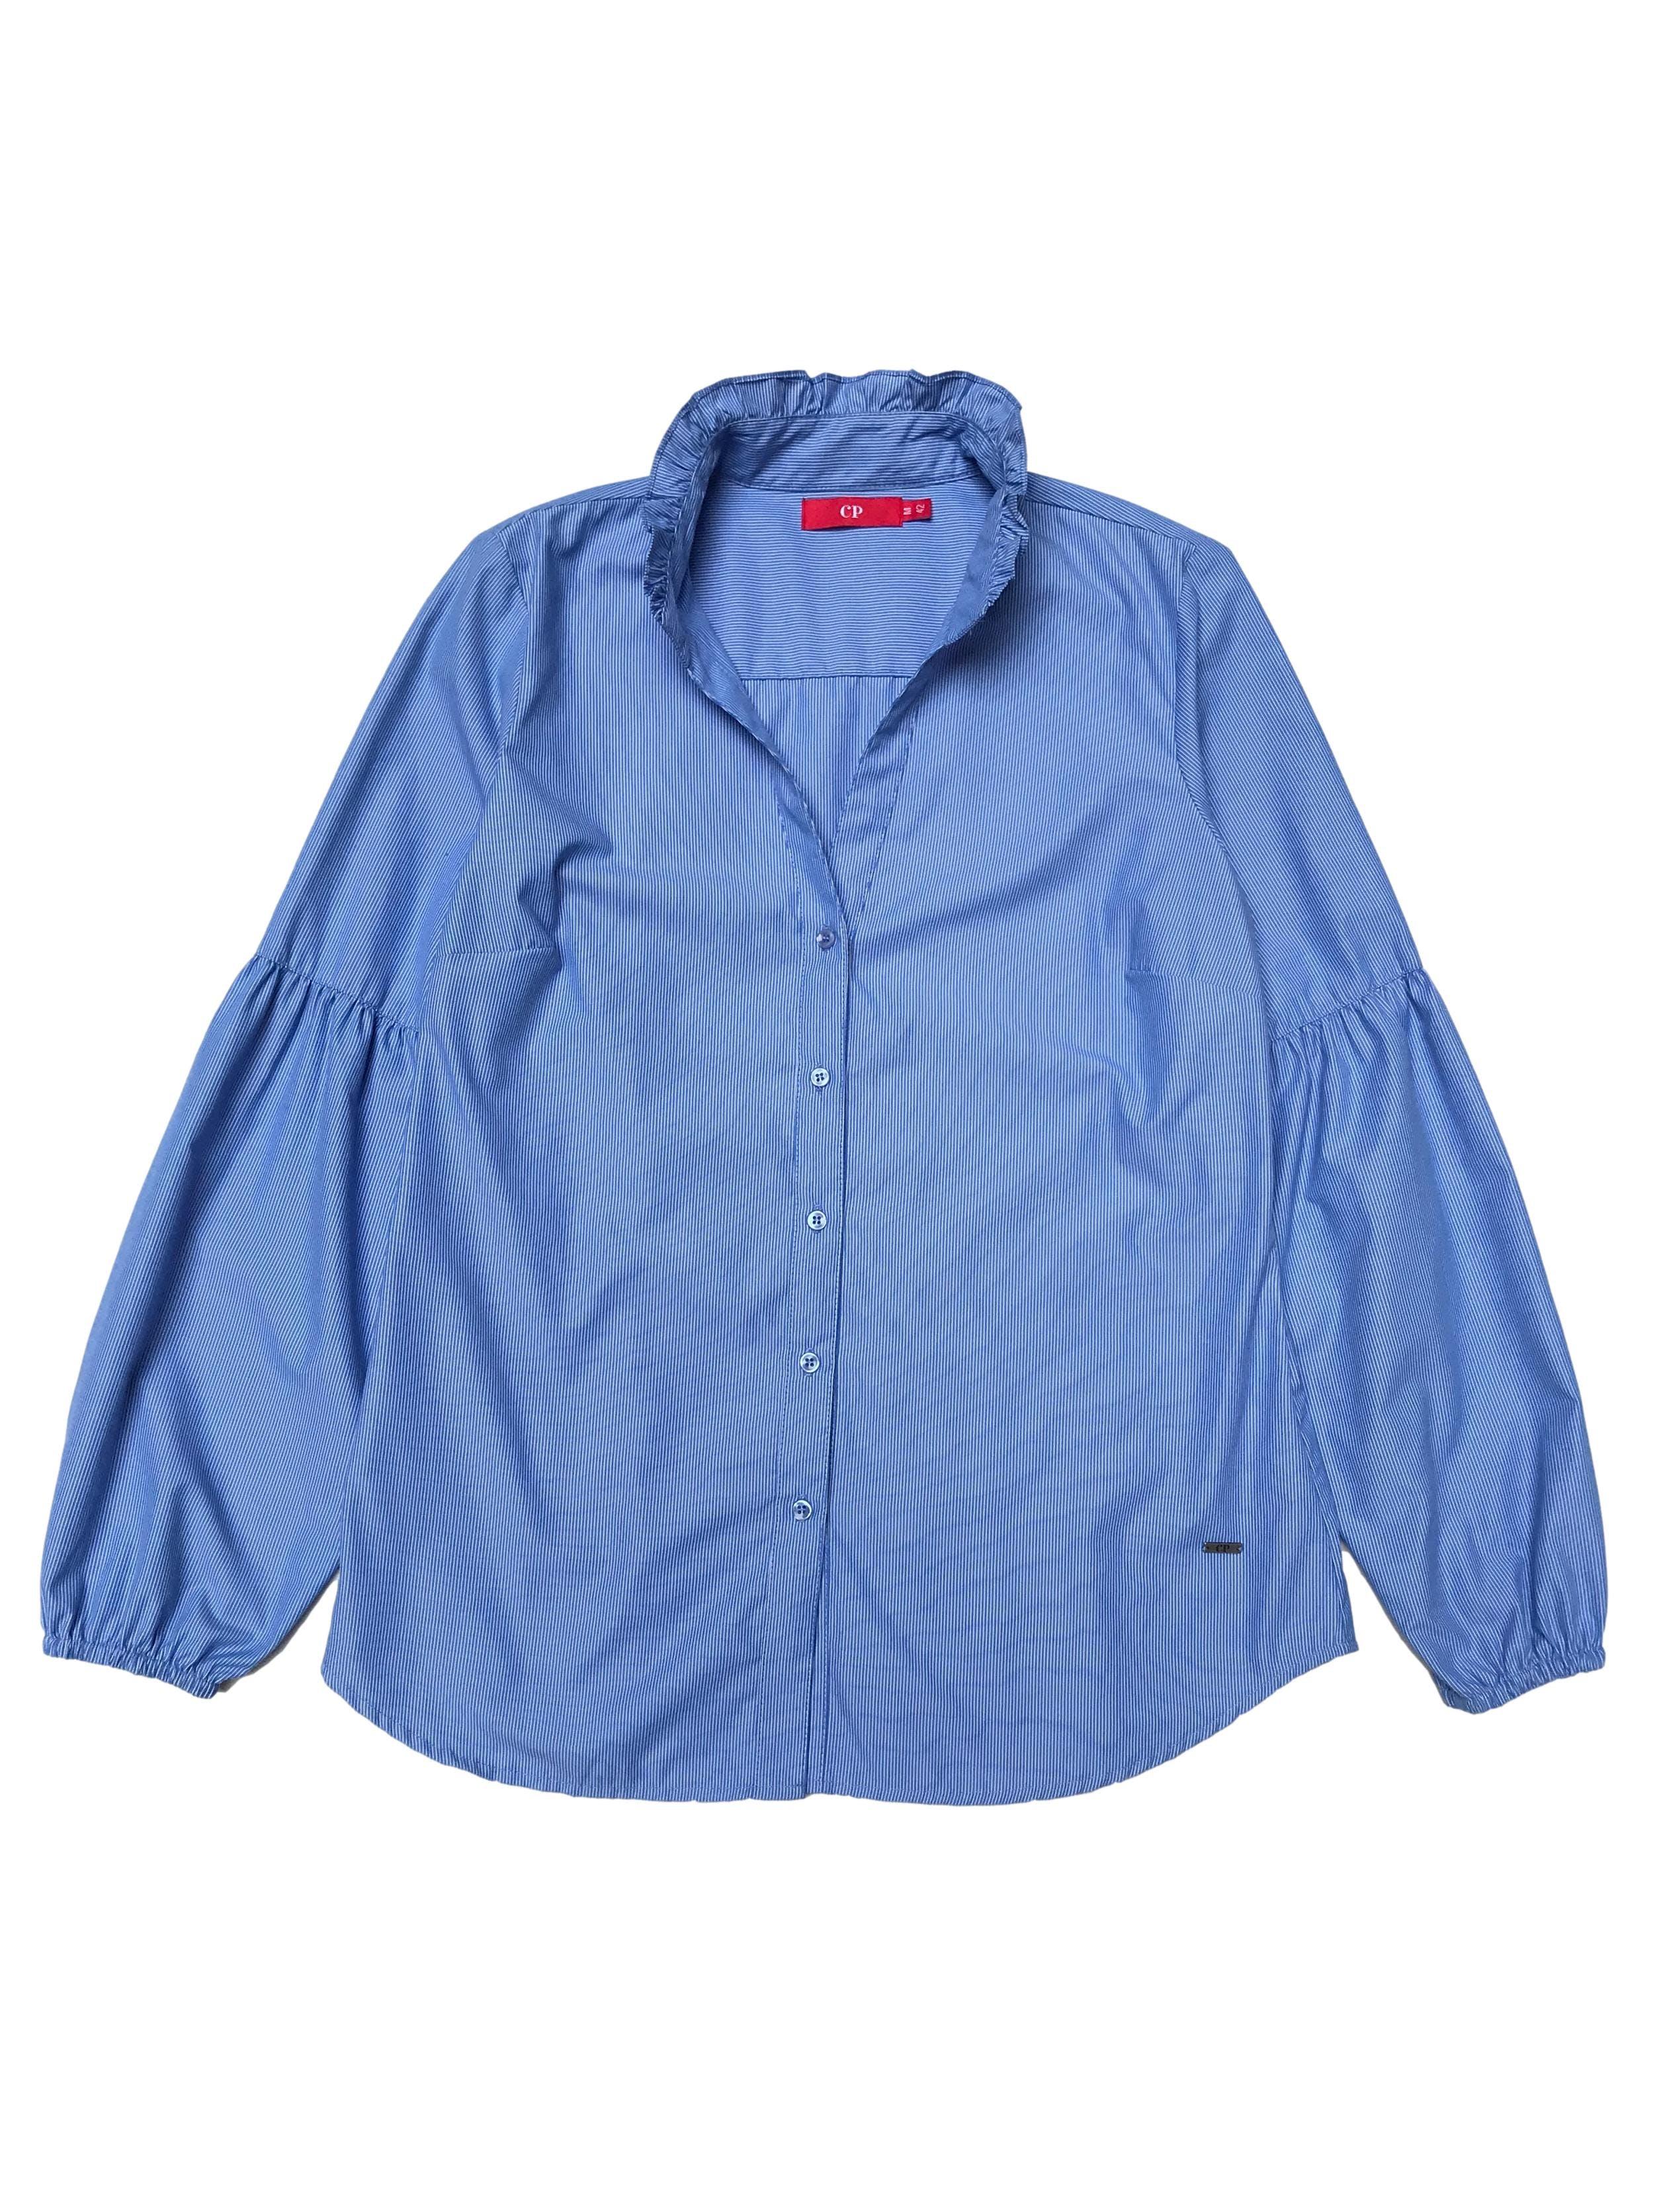 Blusa CP a rayas celestes y blancas, 100% algodón, con bobitos en el cuello y mangas bombachas. Busto 102cm. Precio original S/ 170.